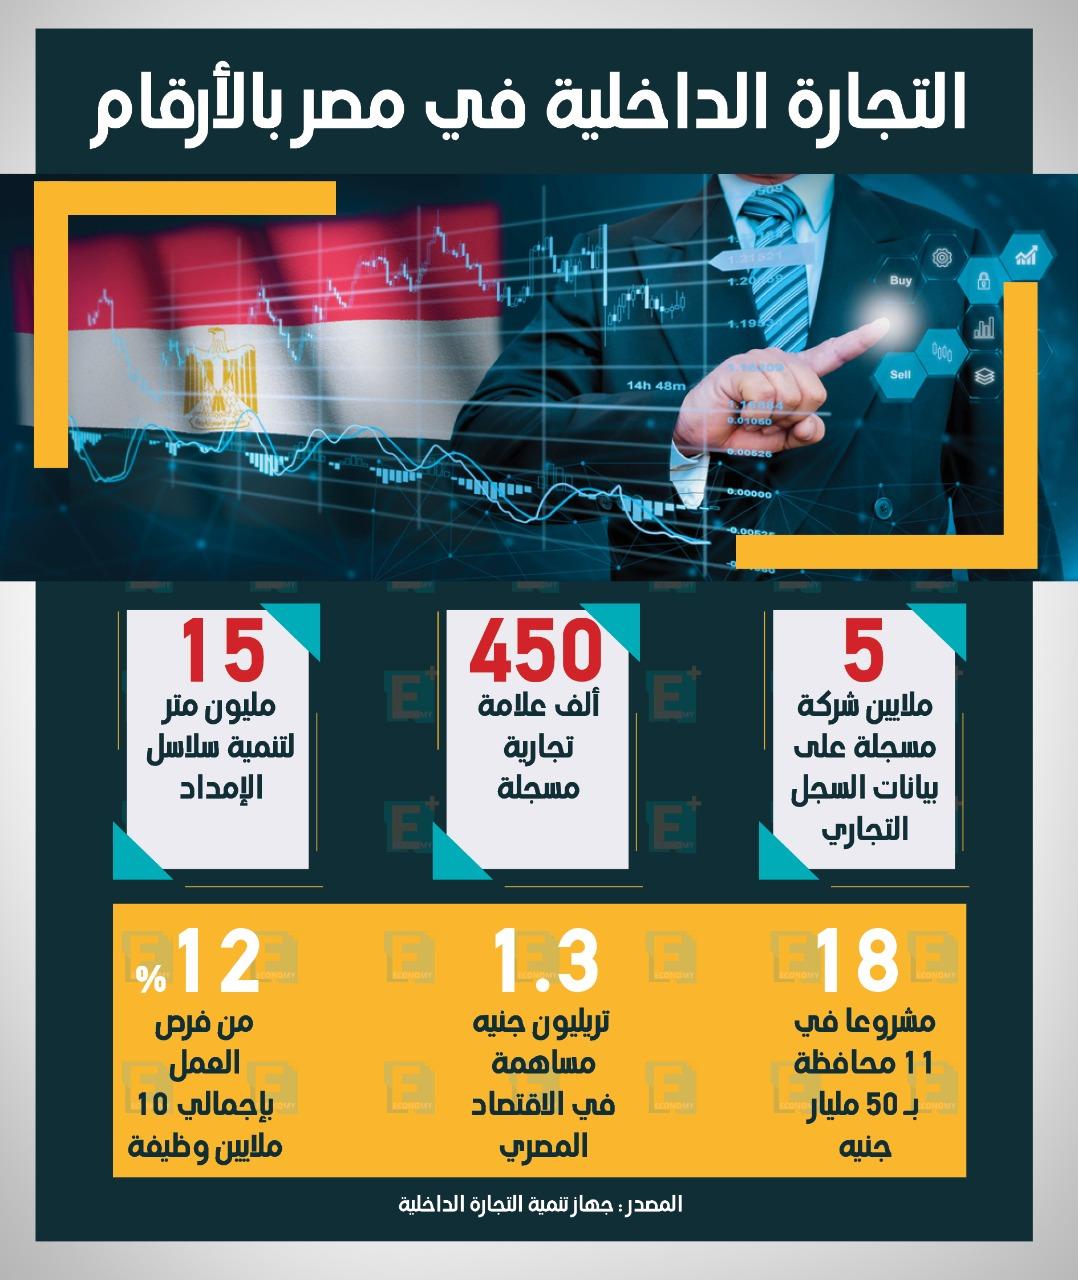 التجارة الداخلية في مصر بالأرقام